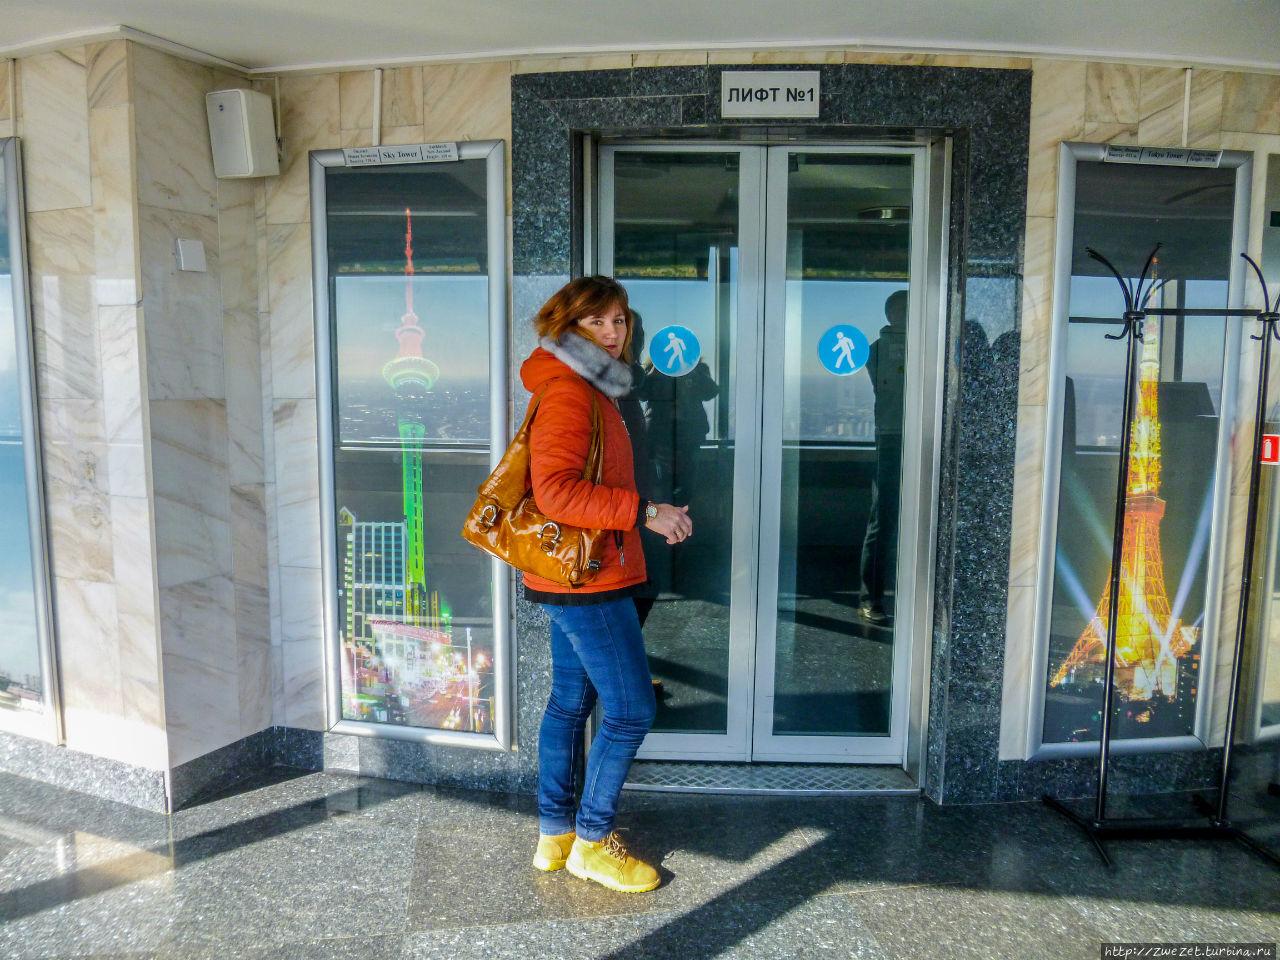 Вход в один из скоростных лифтов телебашни